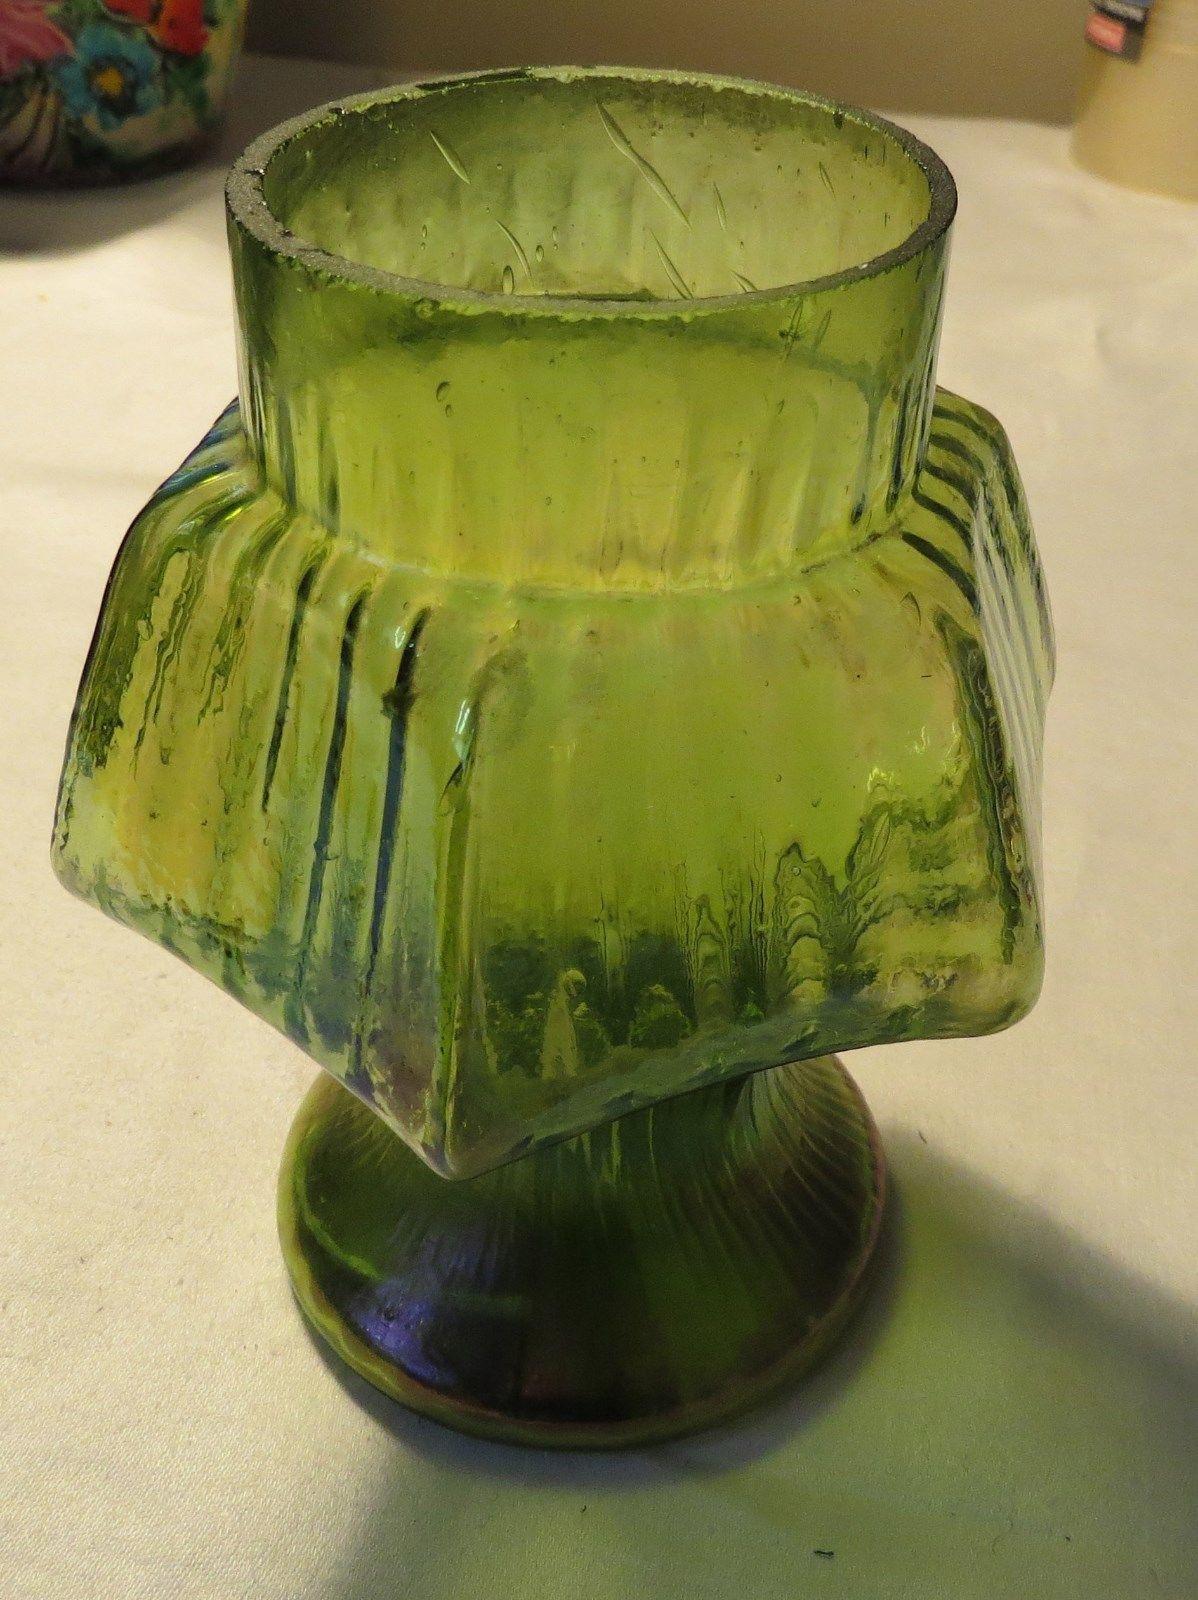 Kralik Glass Vase Of Secesna Irisovana Vaza Wilhem Kralik Aukro In 9ce19fa9 7f67 4f7d B6c4 12e826f520ef